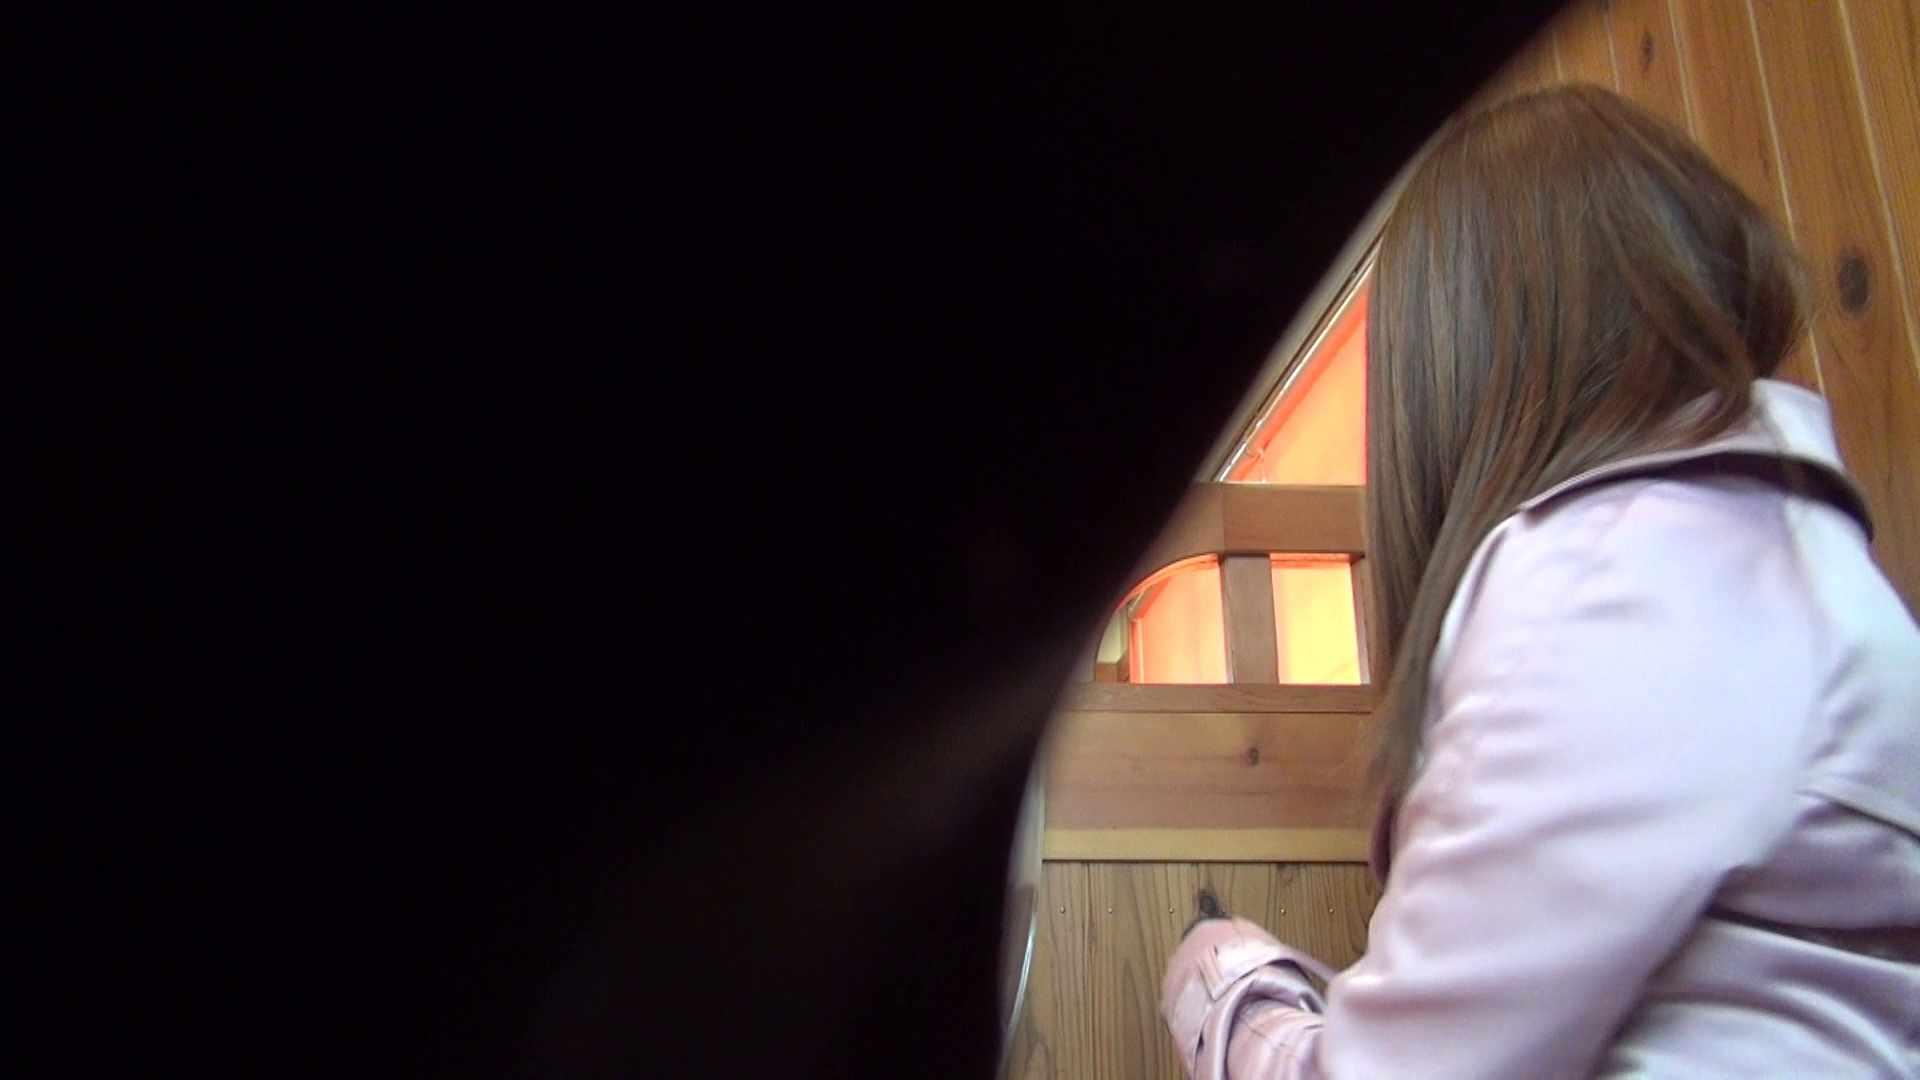 episode1 ヒロトさんと保険外交員との顔合わせ リアル・マンコ AV無料動画キャプチャ 71pic 63